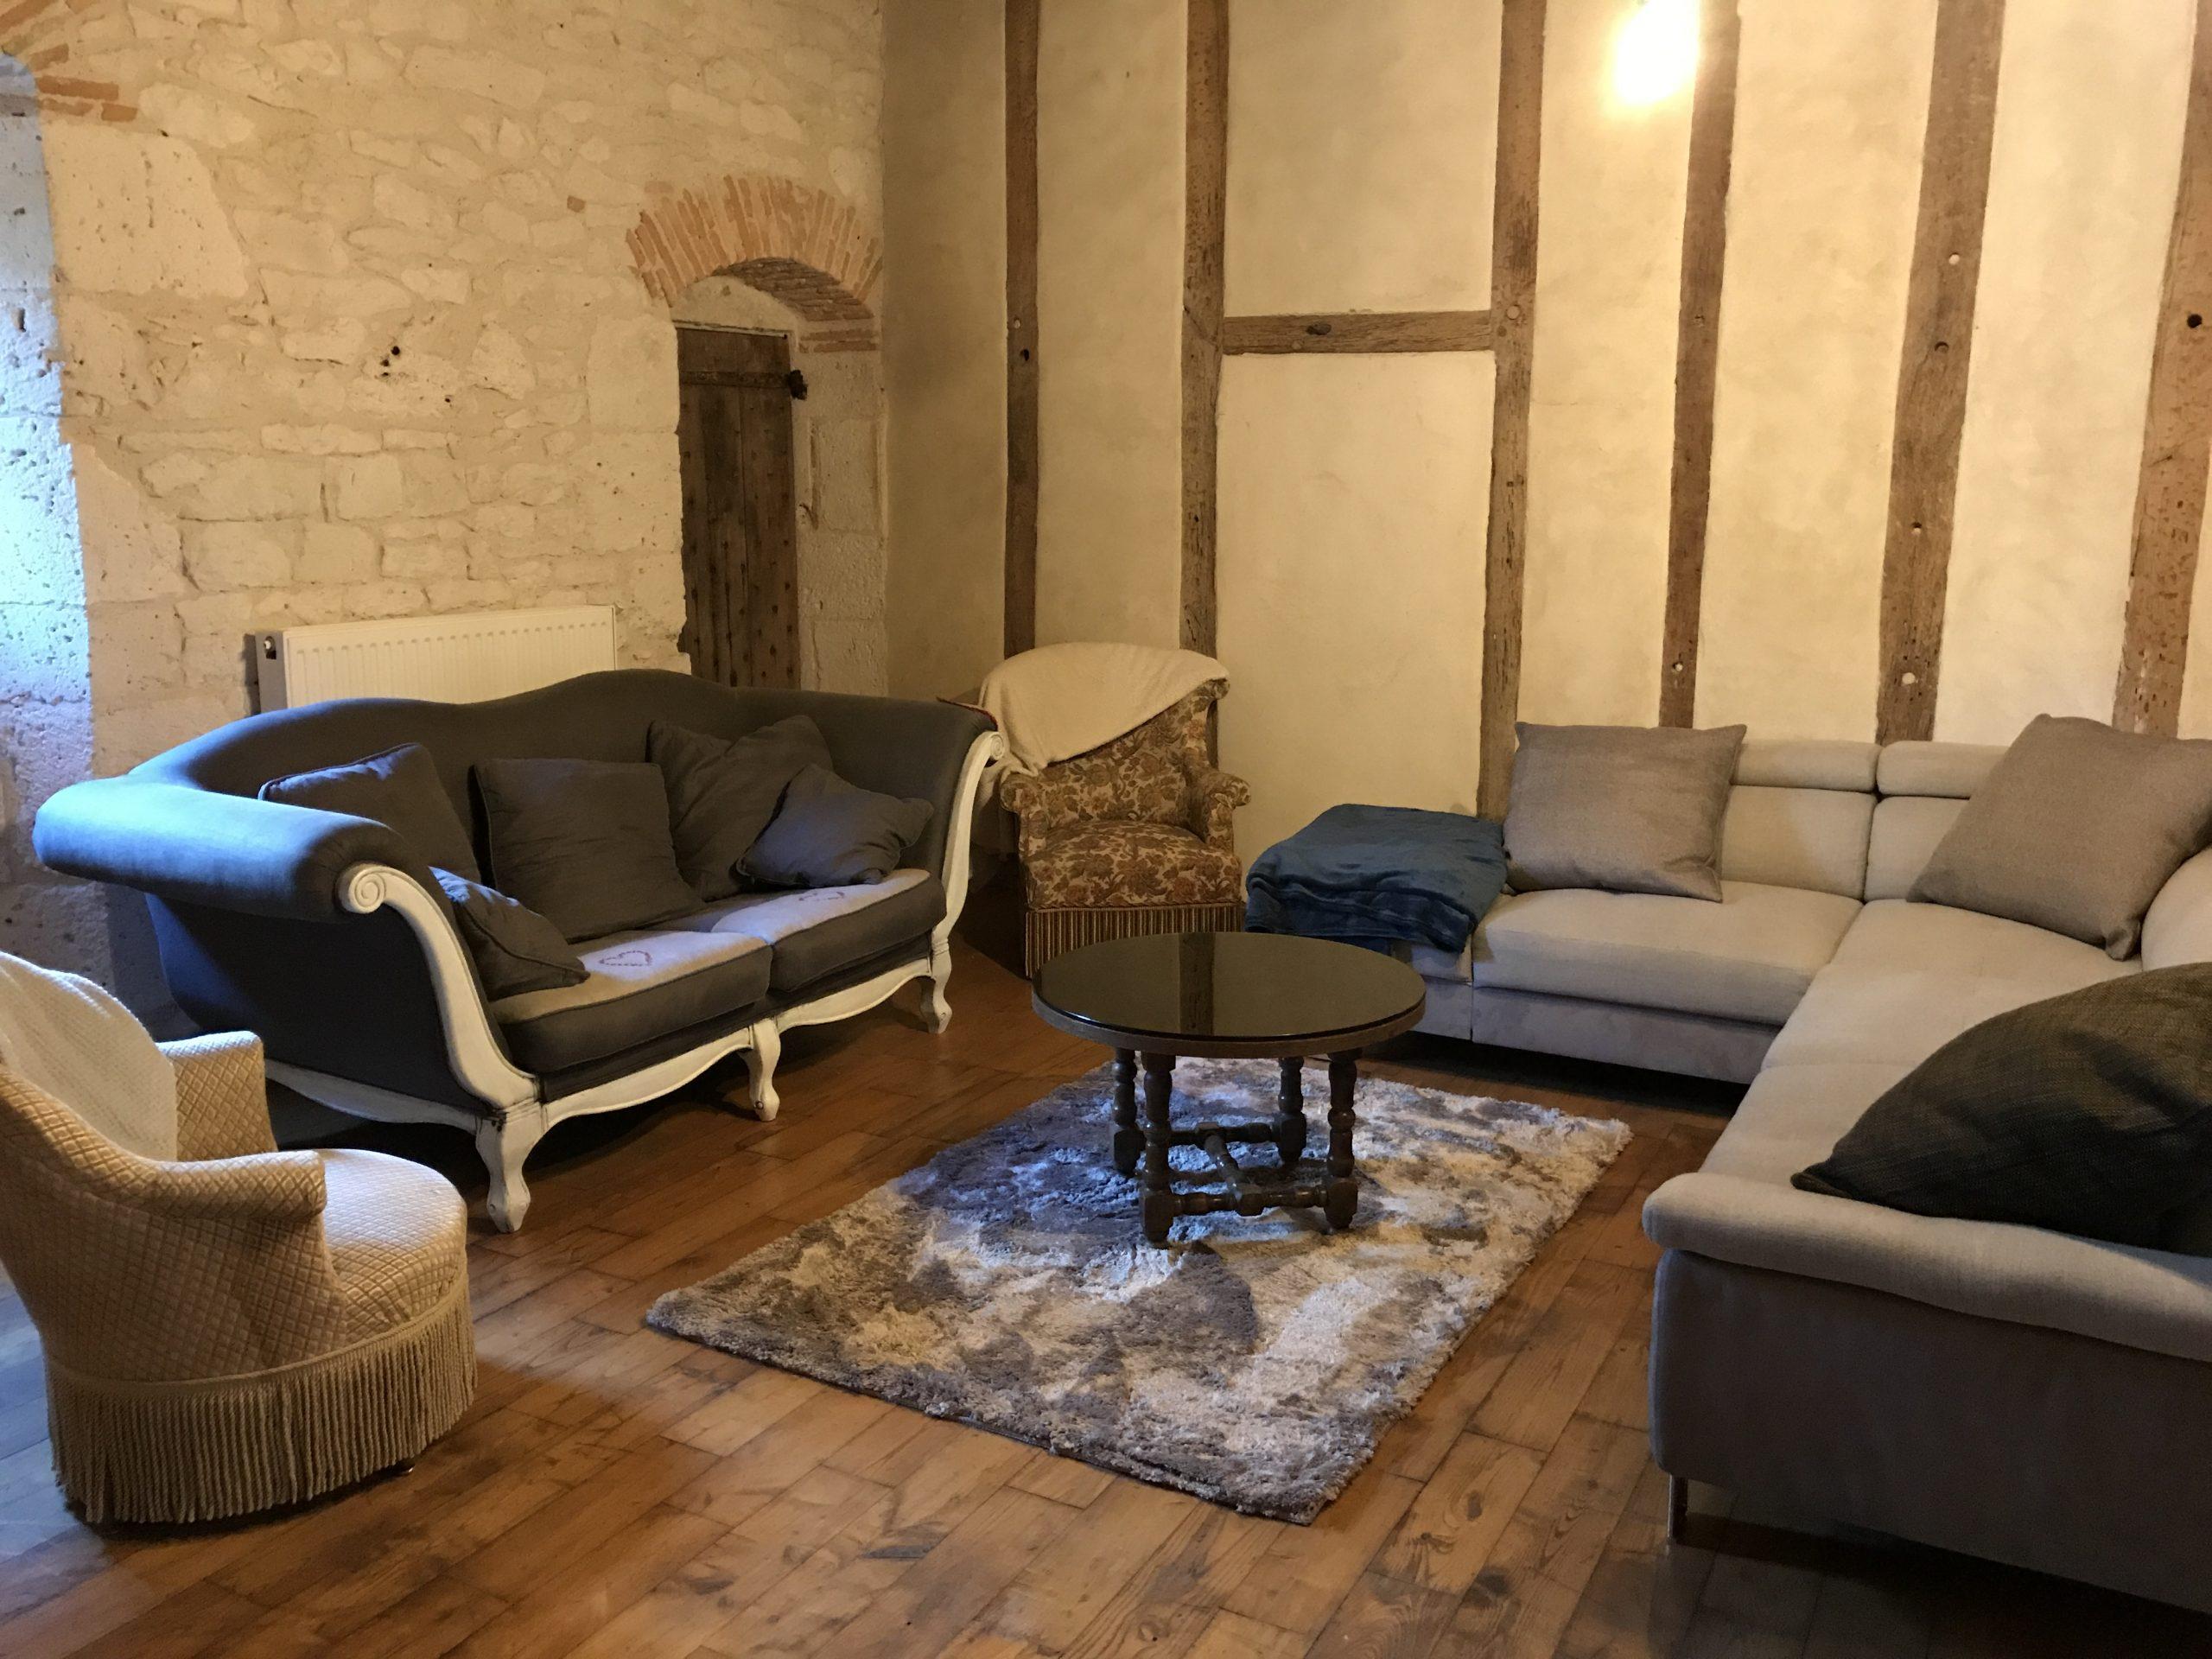 Moulin du Grand Auque : le gîte grande capacité idéal pour un séjour détente et bien-être !